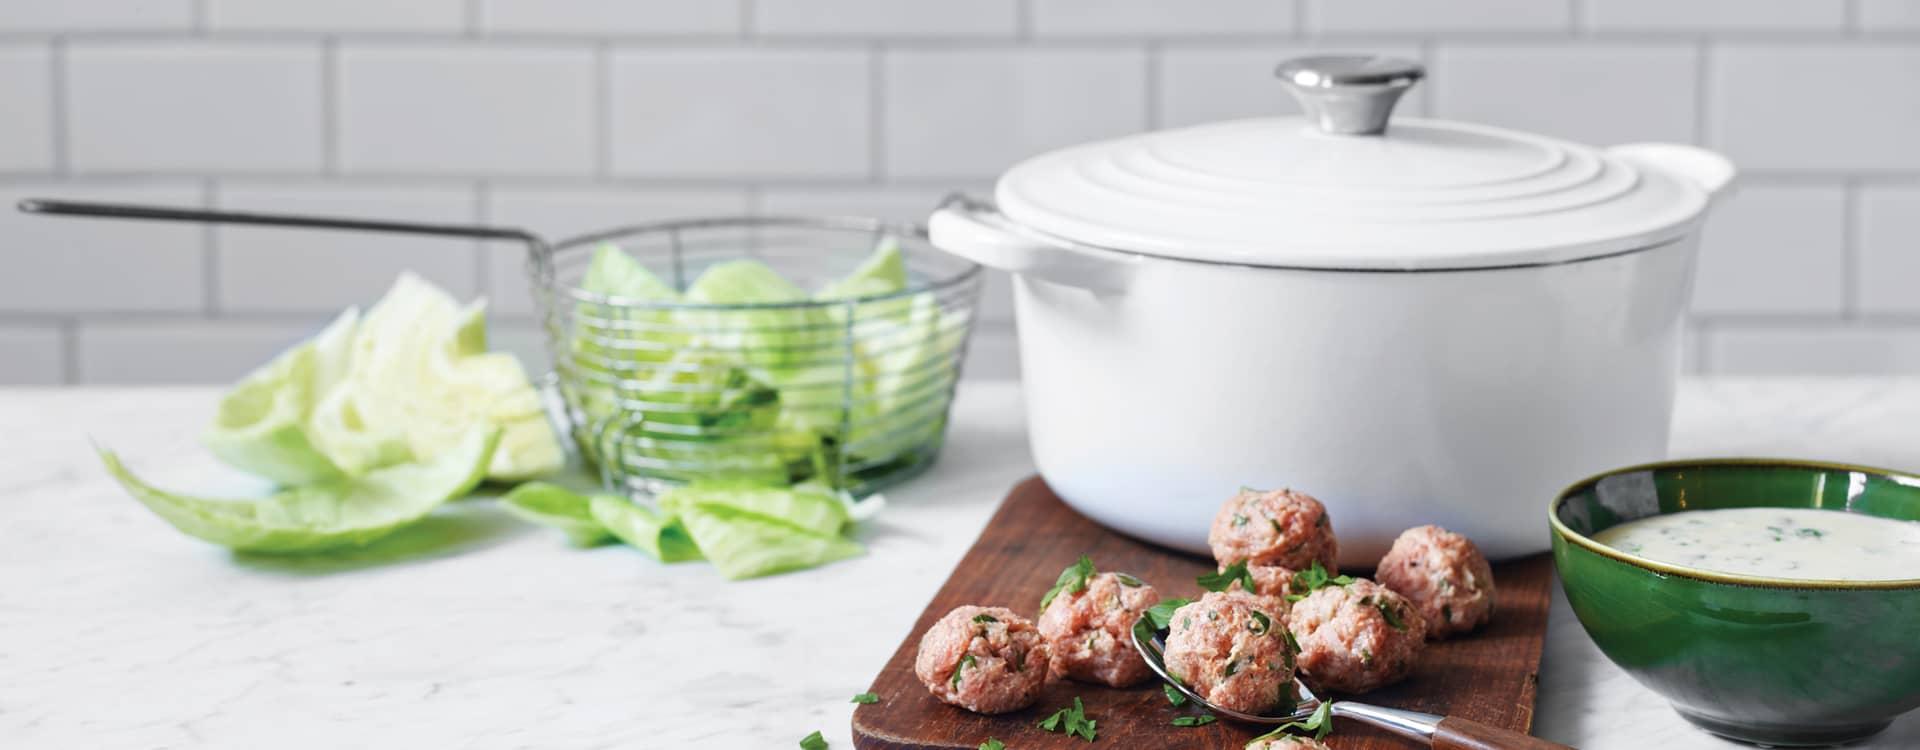 Persillestuet hodekål med urtekjøttboller og poteter